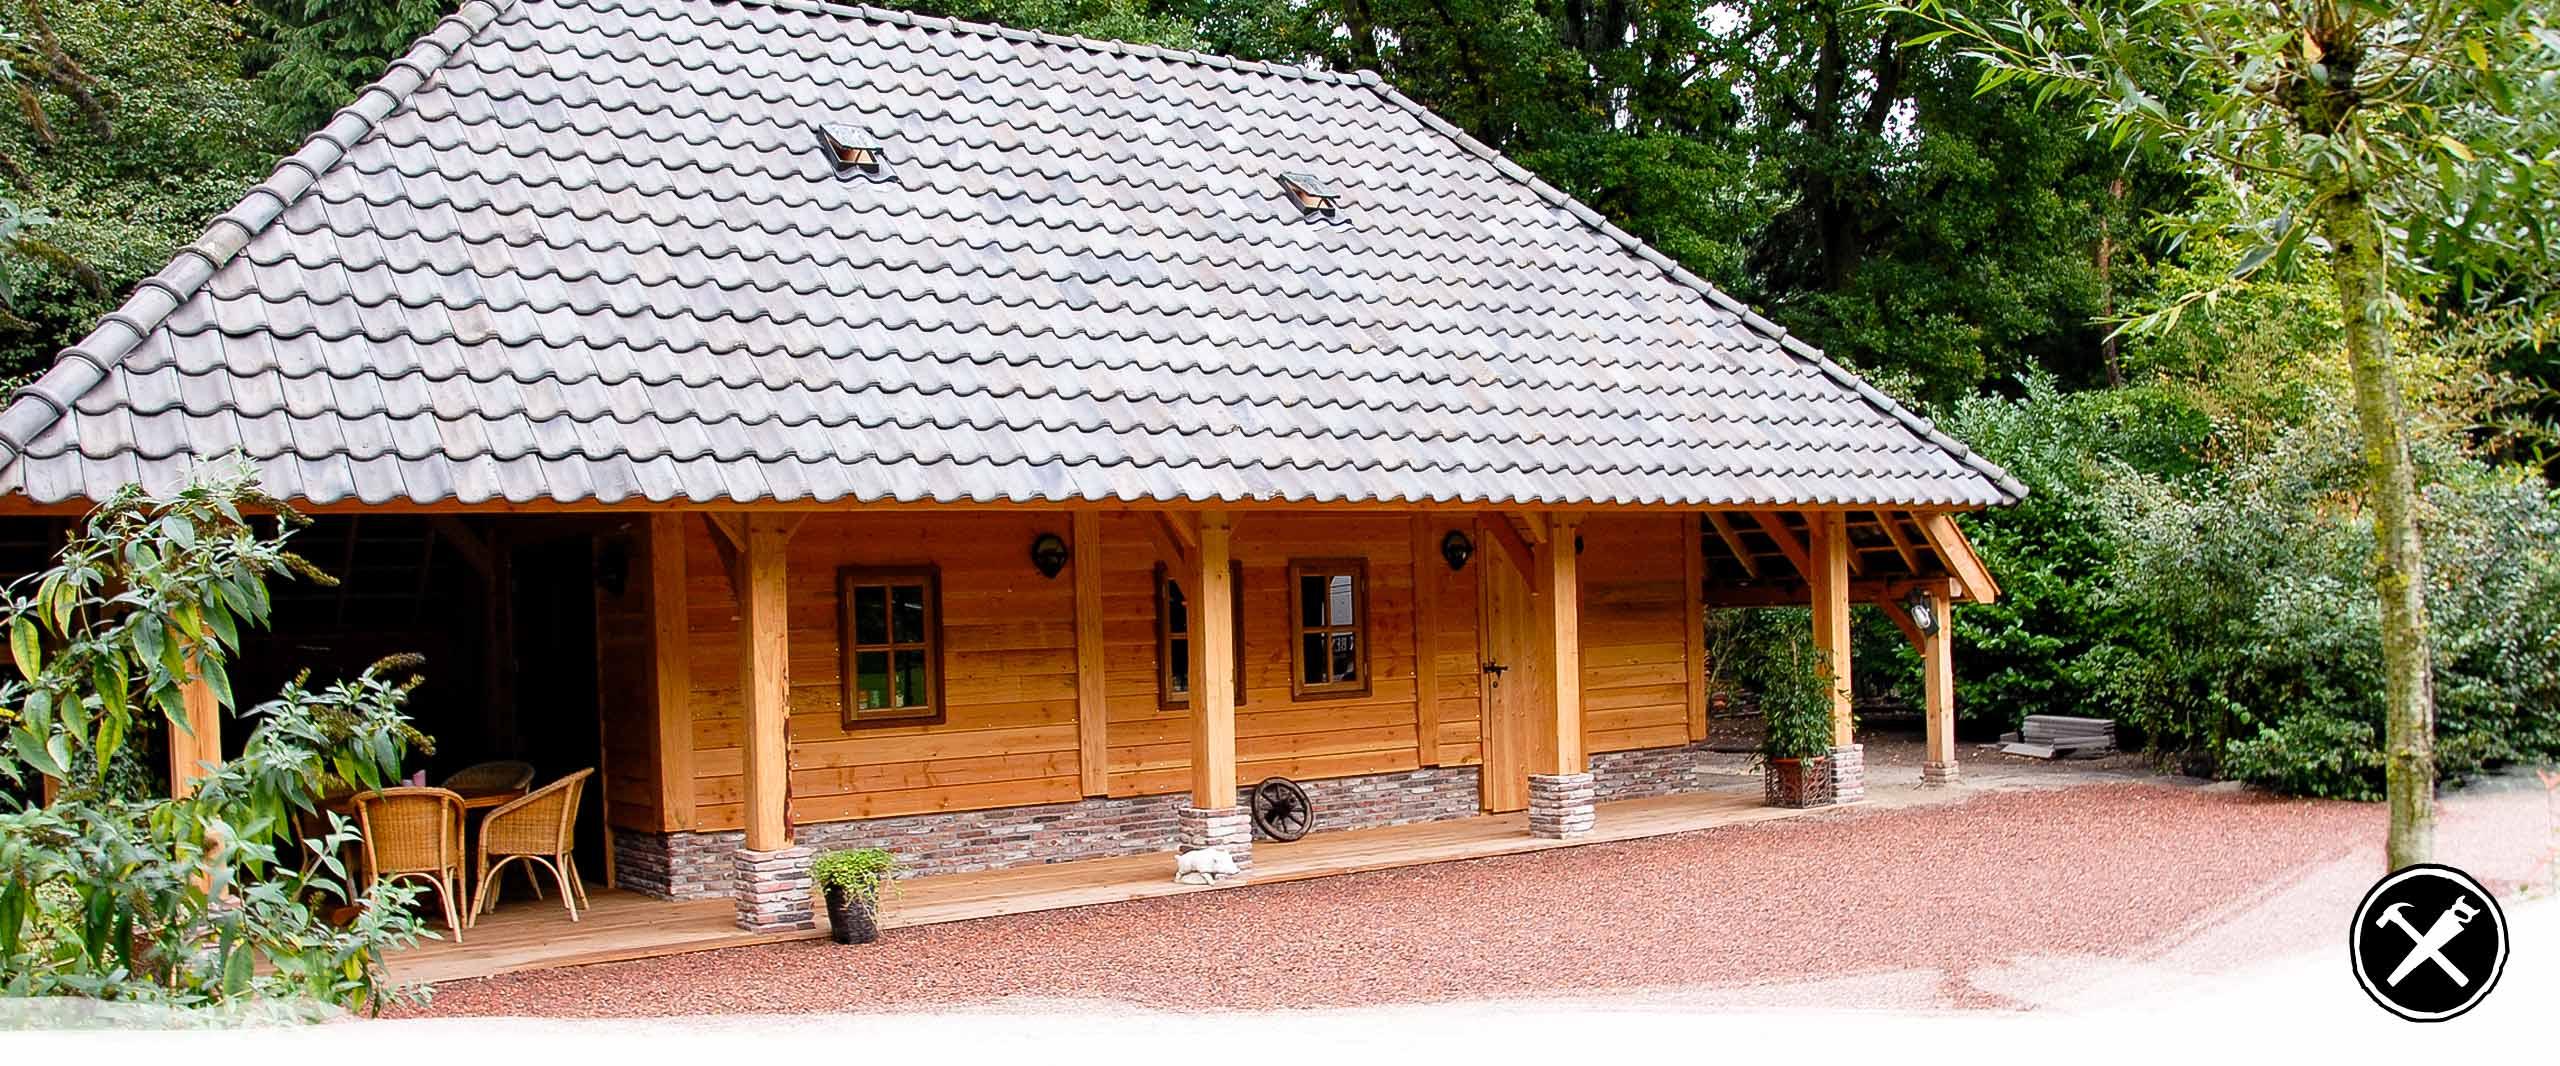 Gastenverblijf met veranda in Hellendoorn gerealiseerd door Henk Bennink Exclusieve Houtbouw